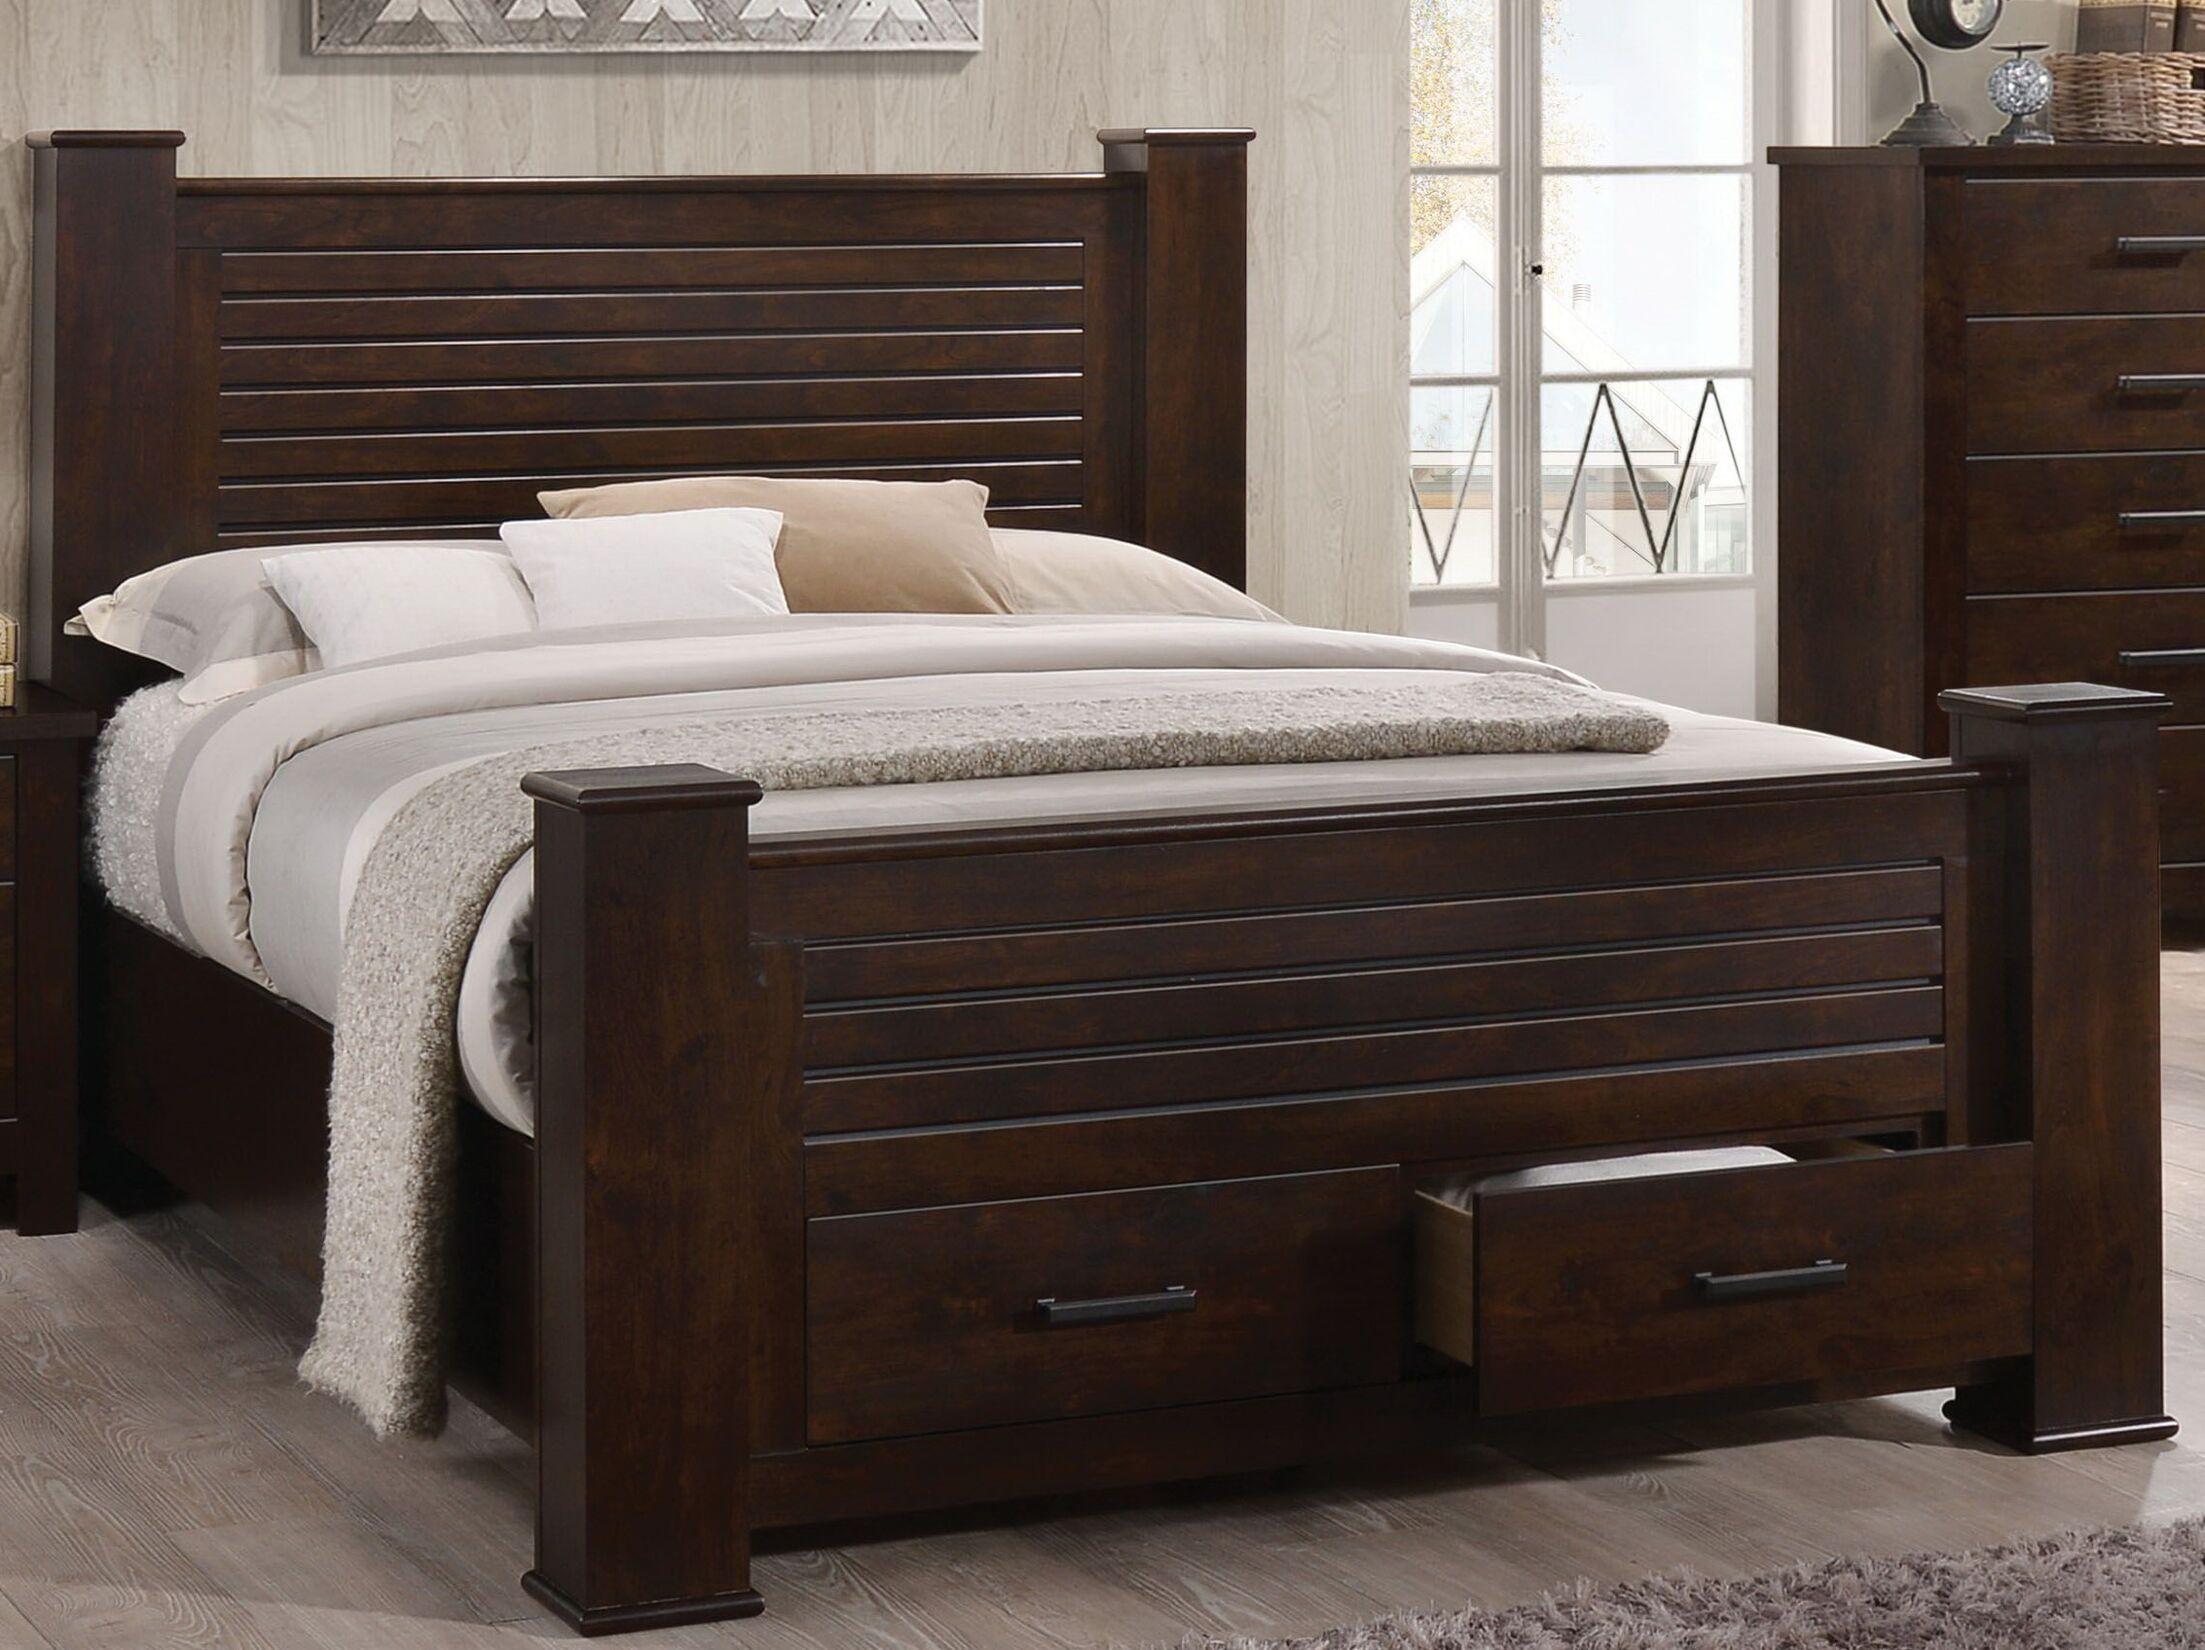 Octavia Storage Platform Bed Size: King